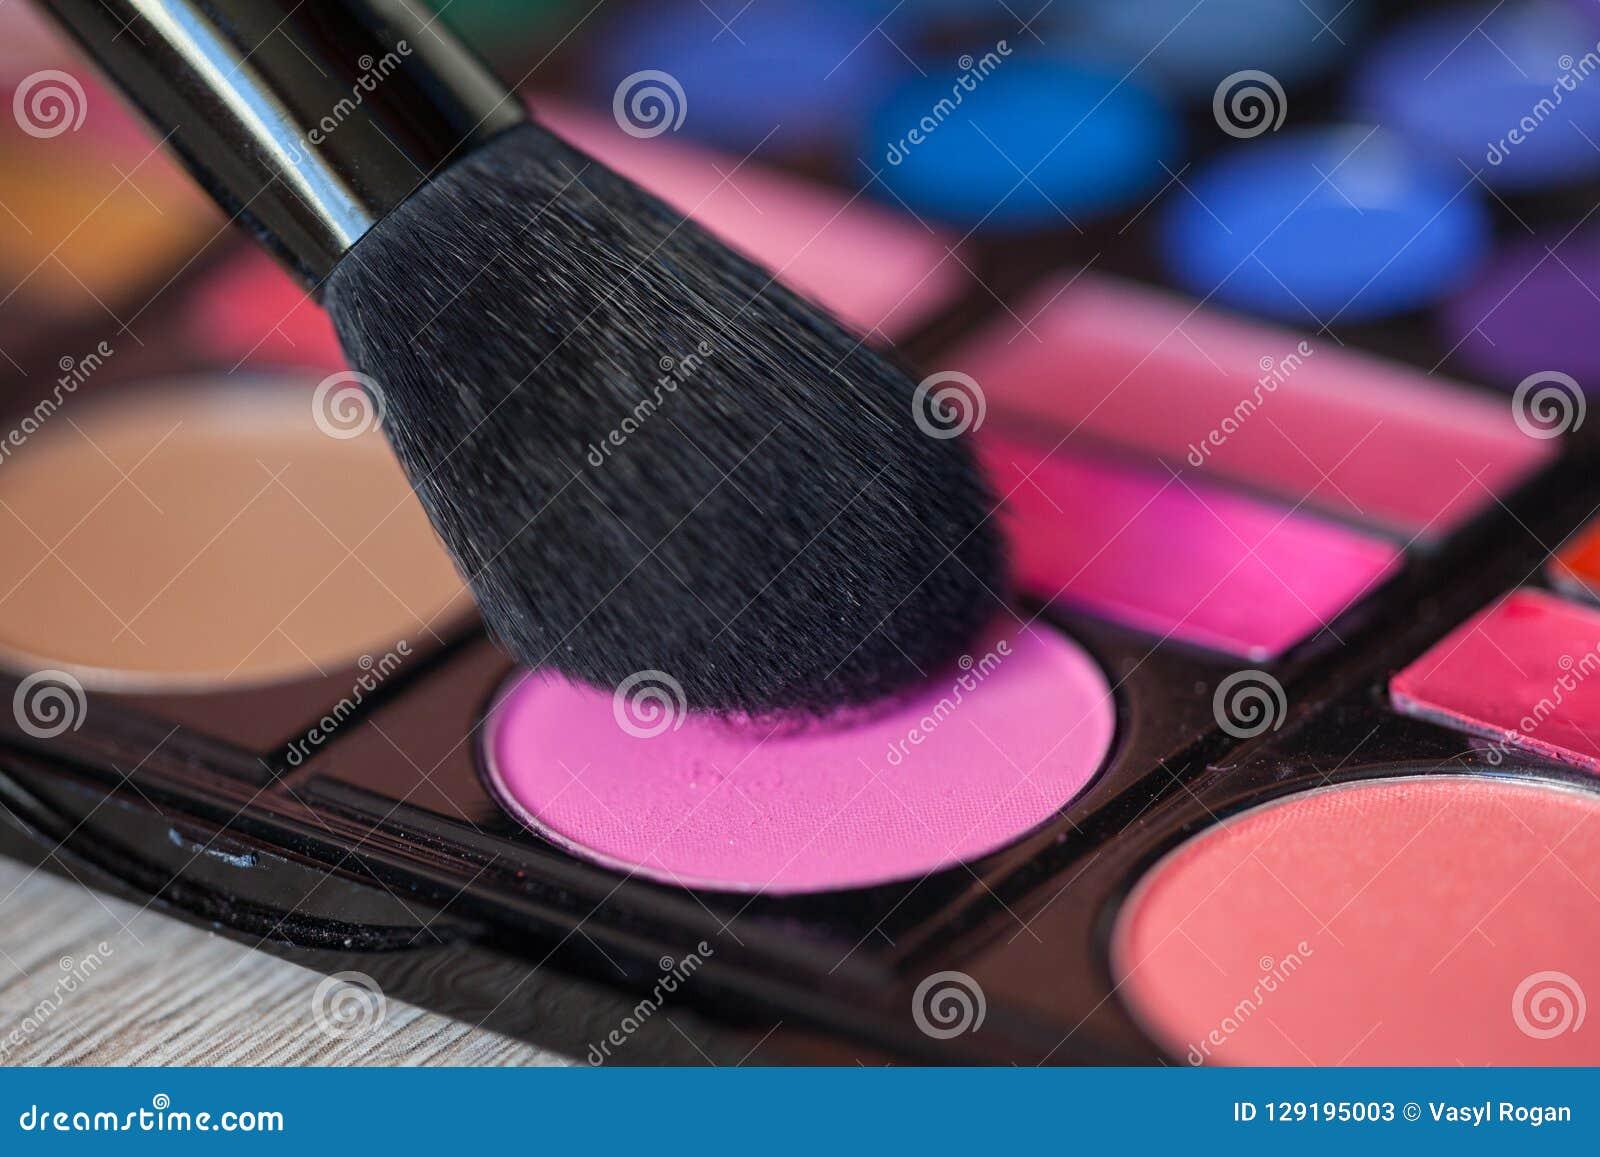 Tavolozza variopinta di trucco con la spazzola di trucco, filtro colorato